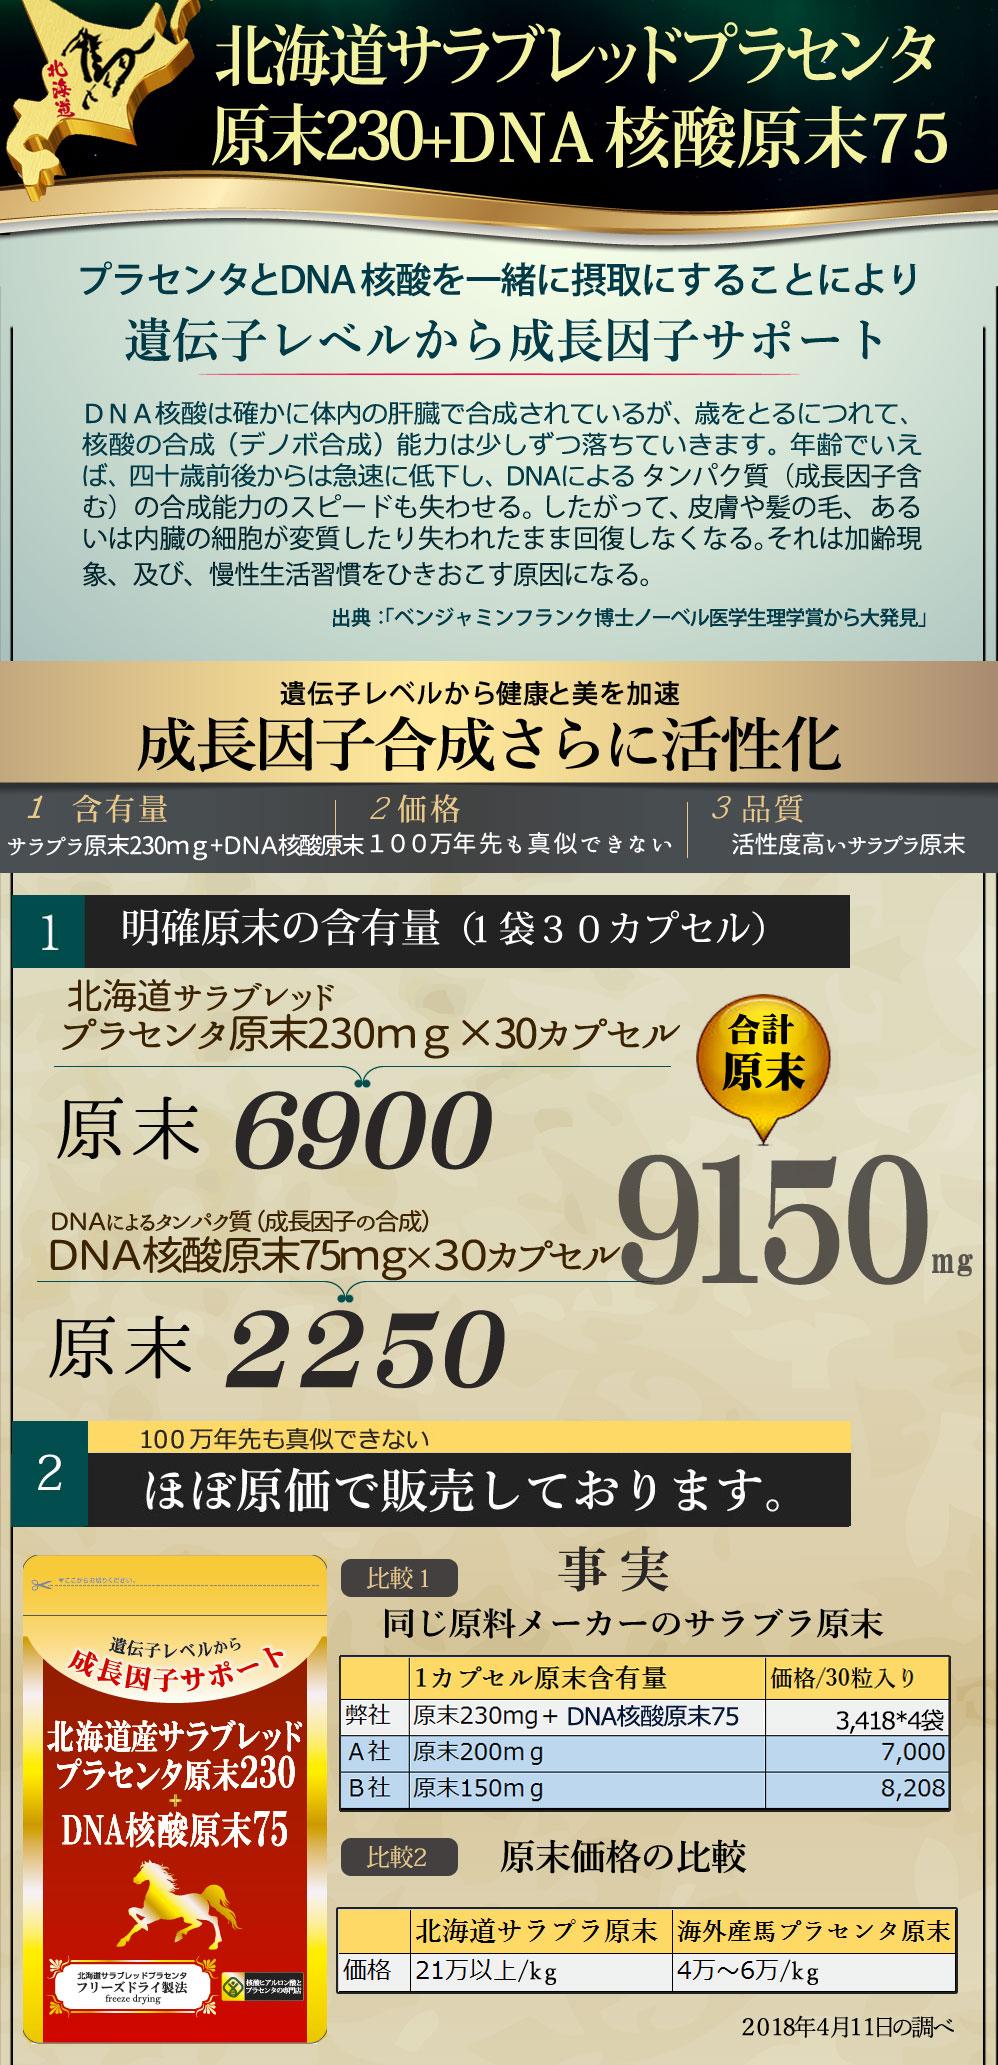 超低分子北海道サラブレッドプラセンタ原末220 価格について